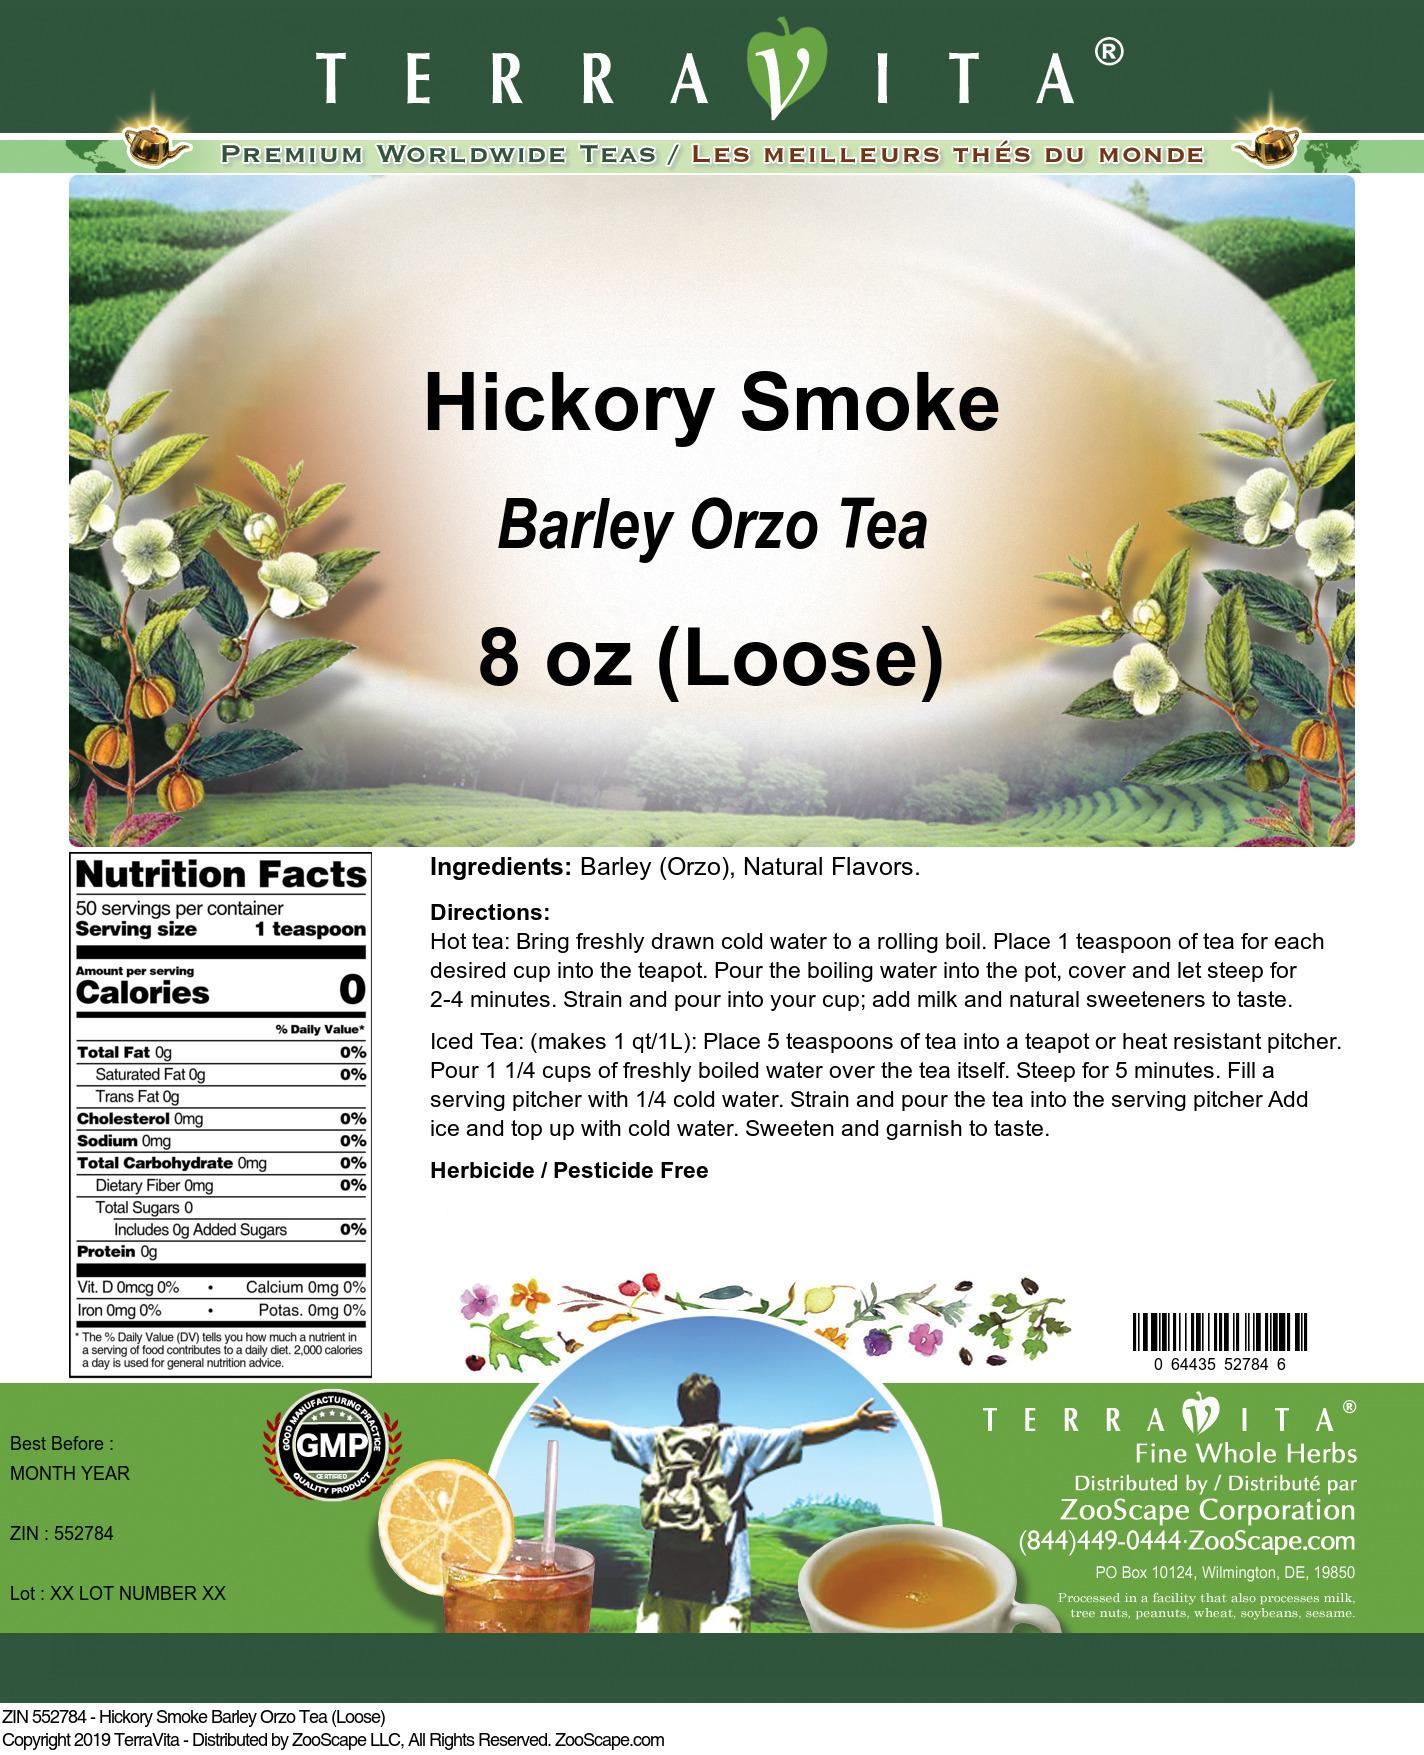 Hickory Smoke Barley Orzo